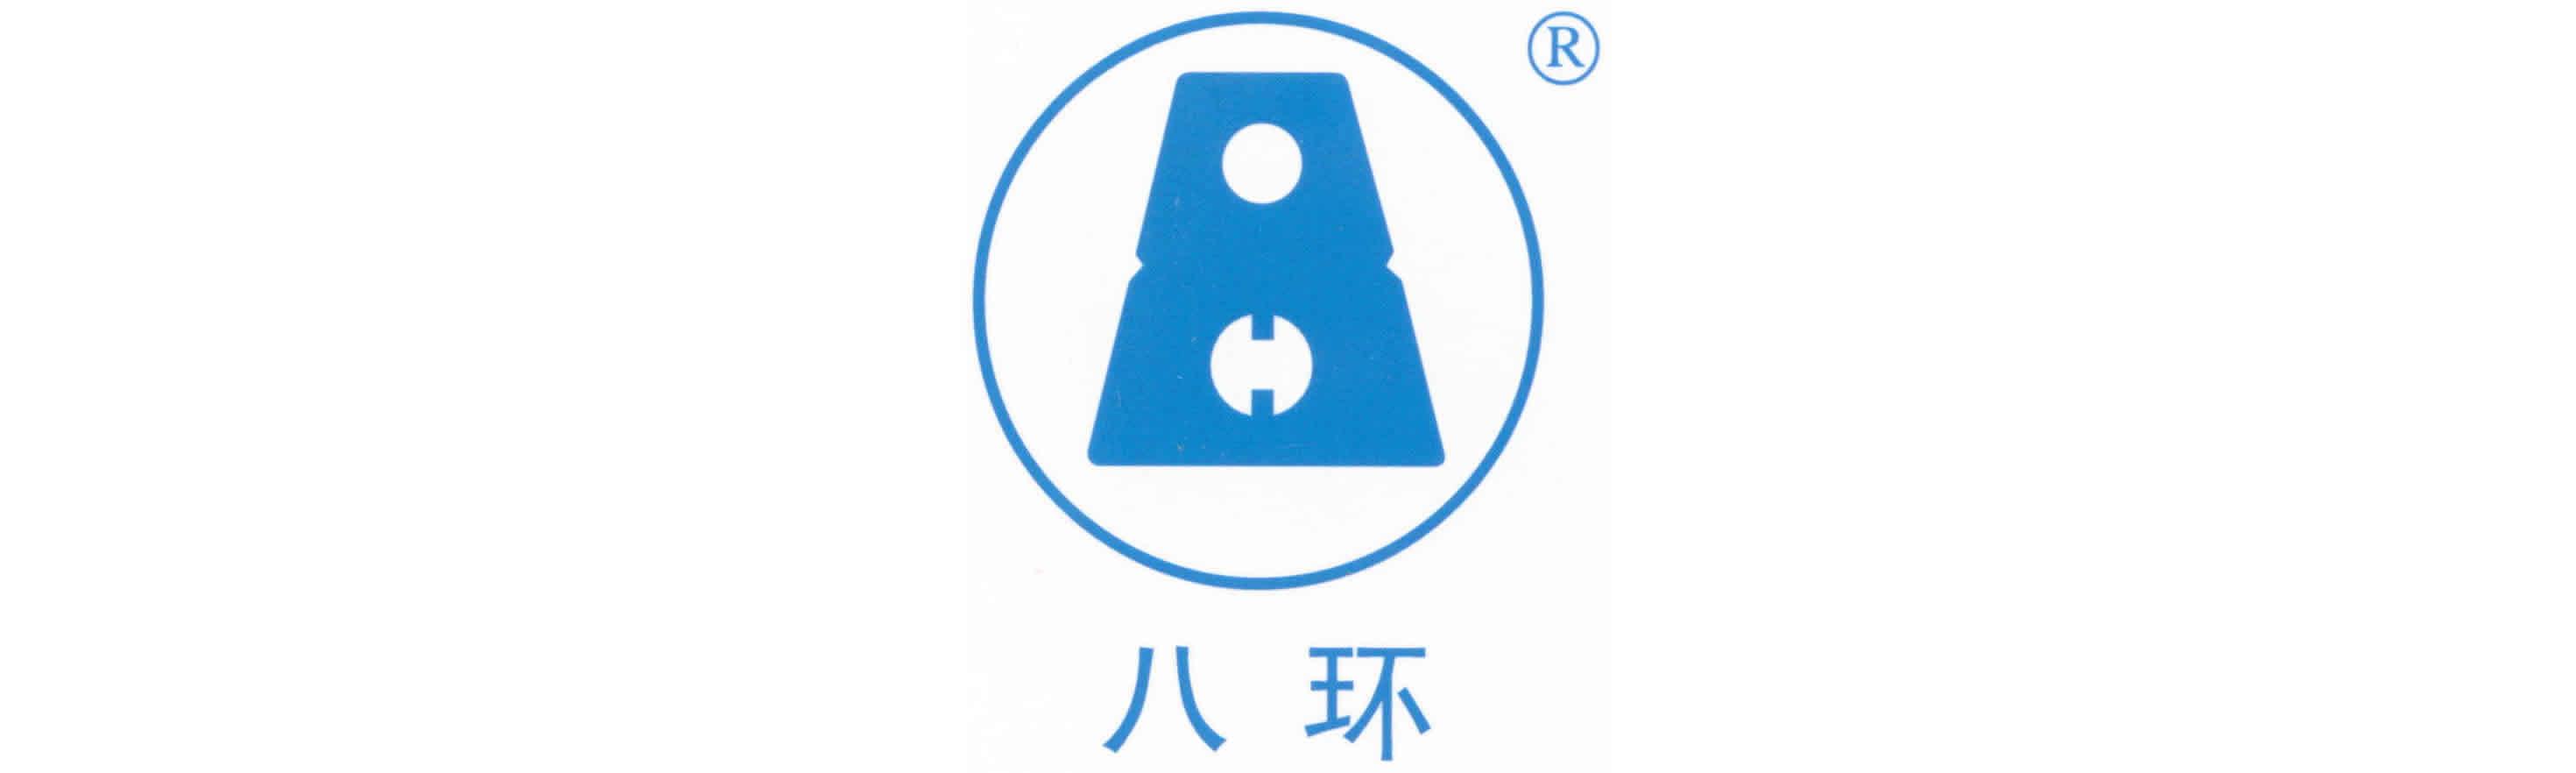 八環科技集團股份有限公司